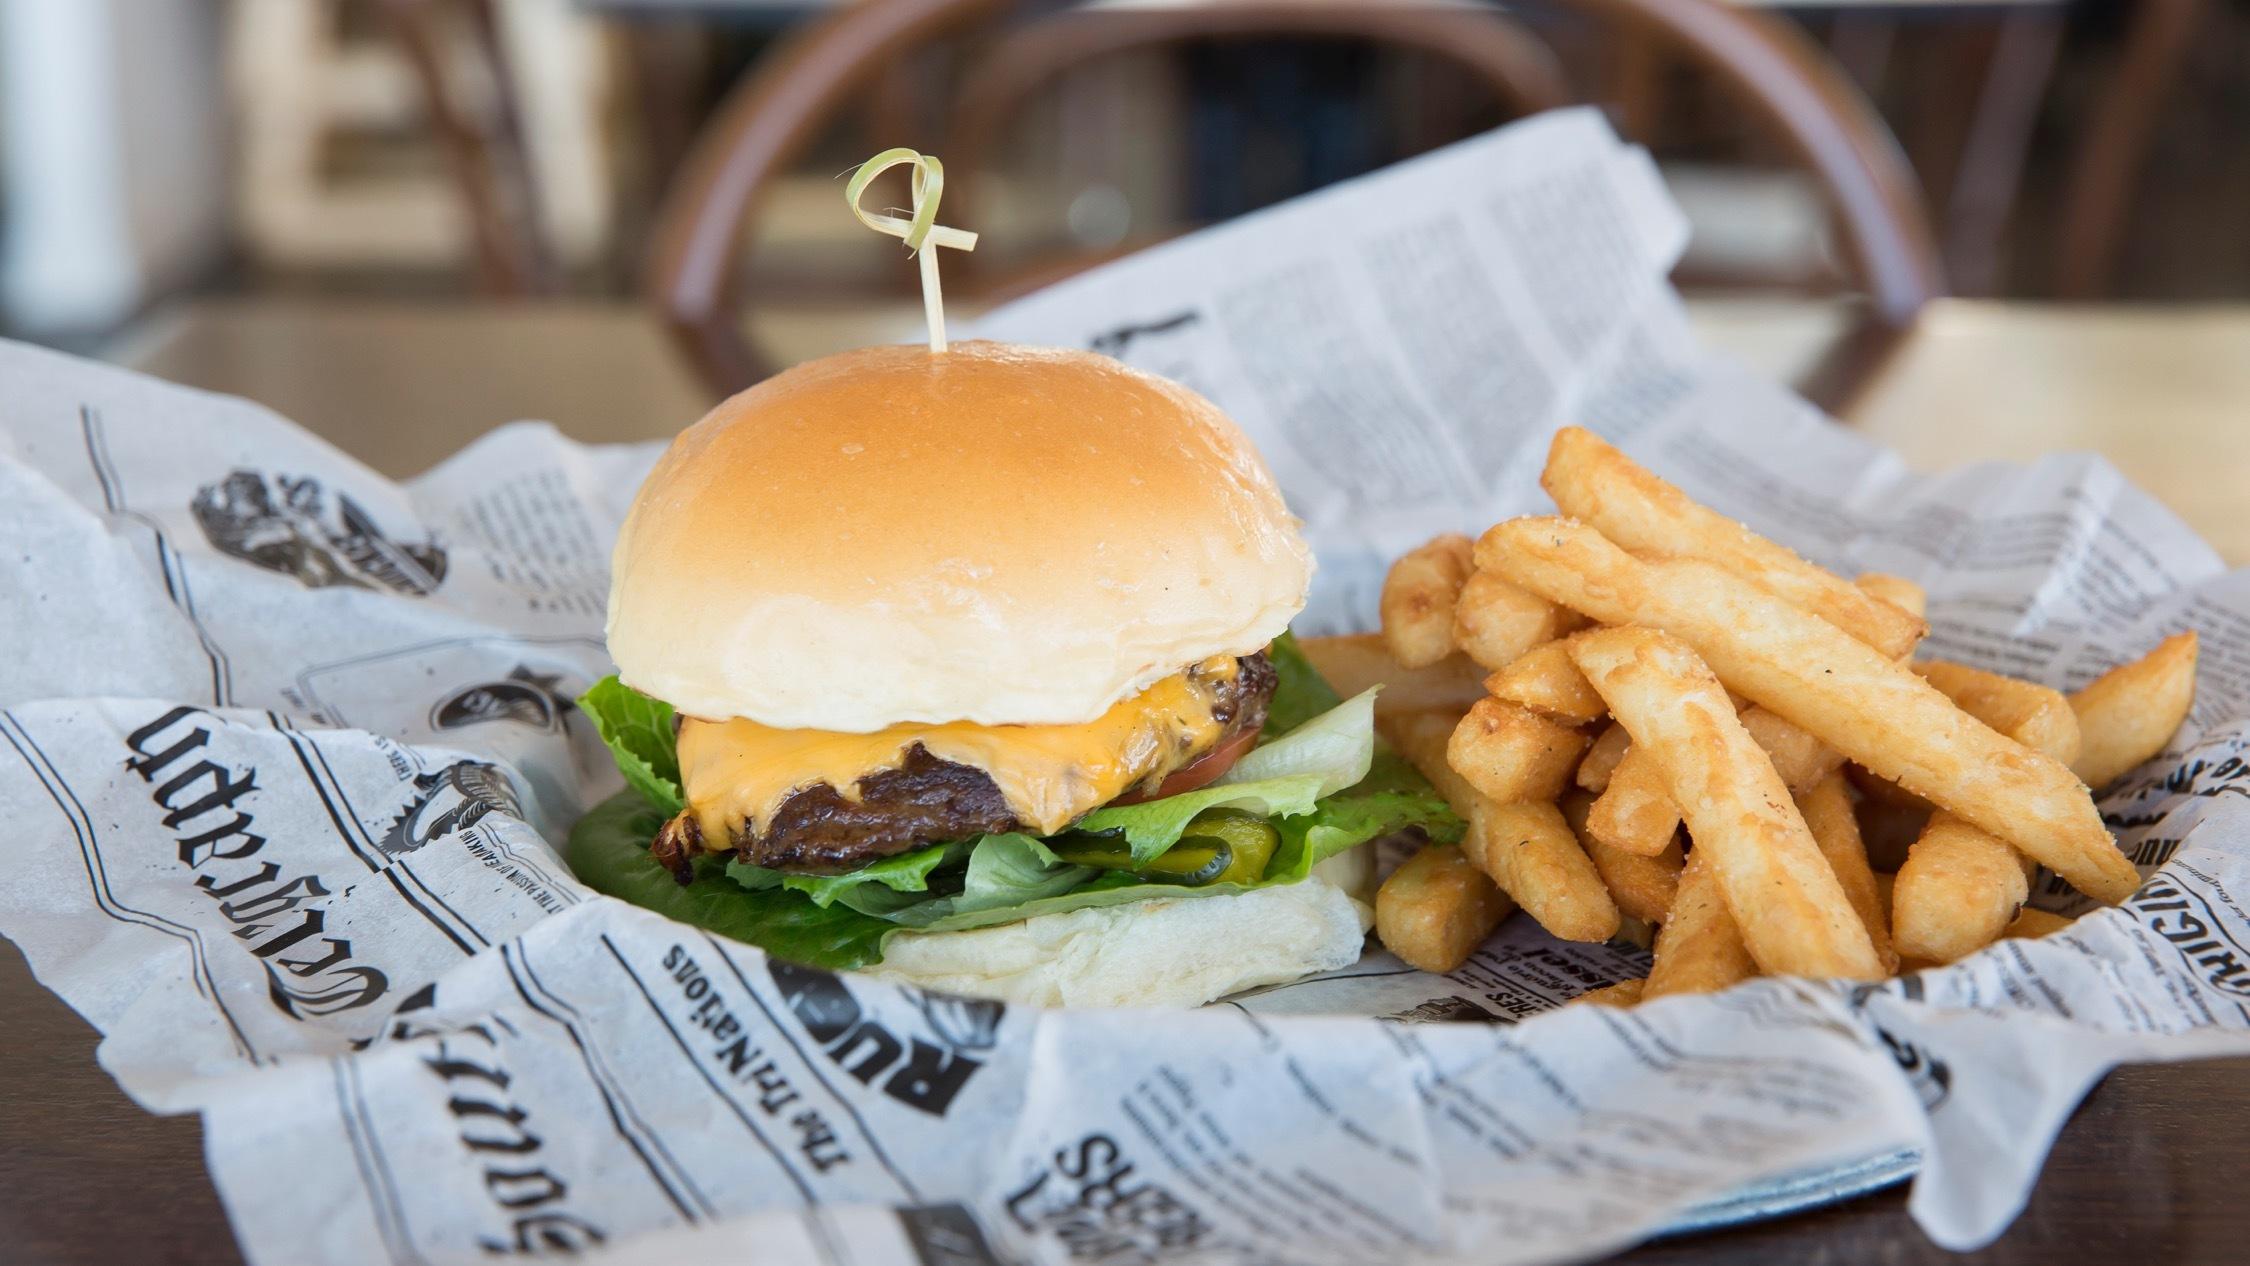 Burger and fries at The Greens